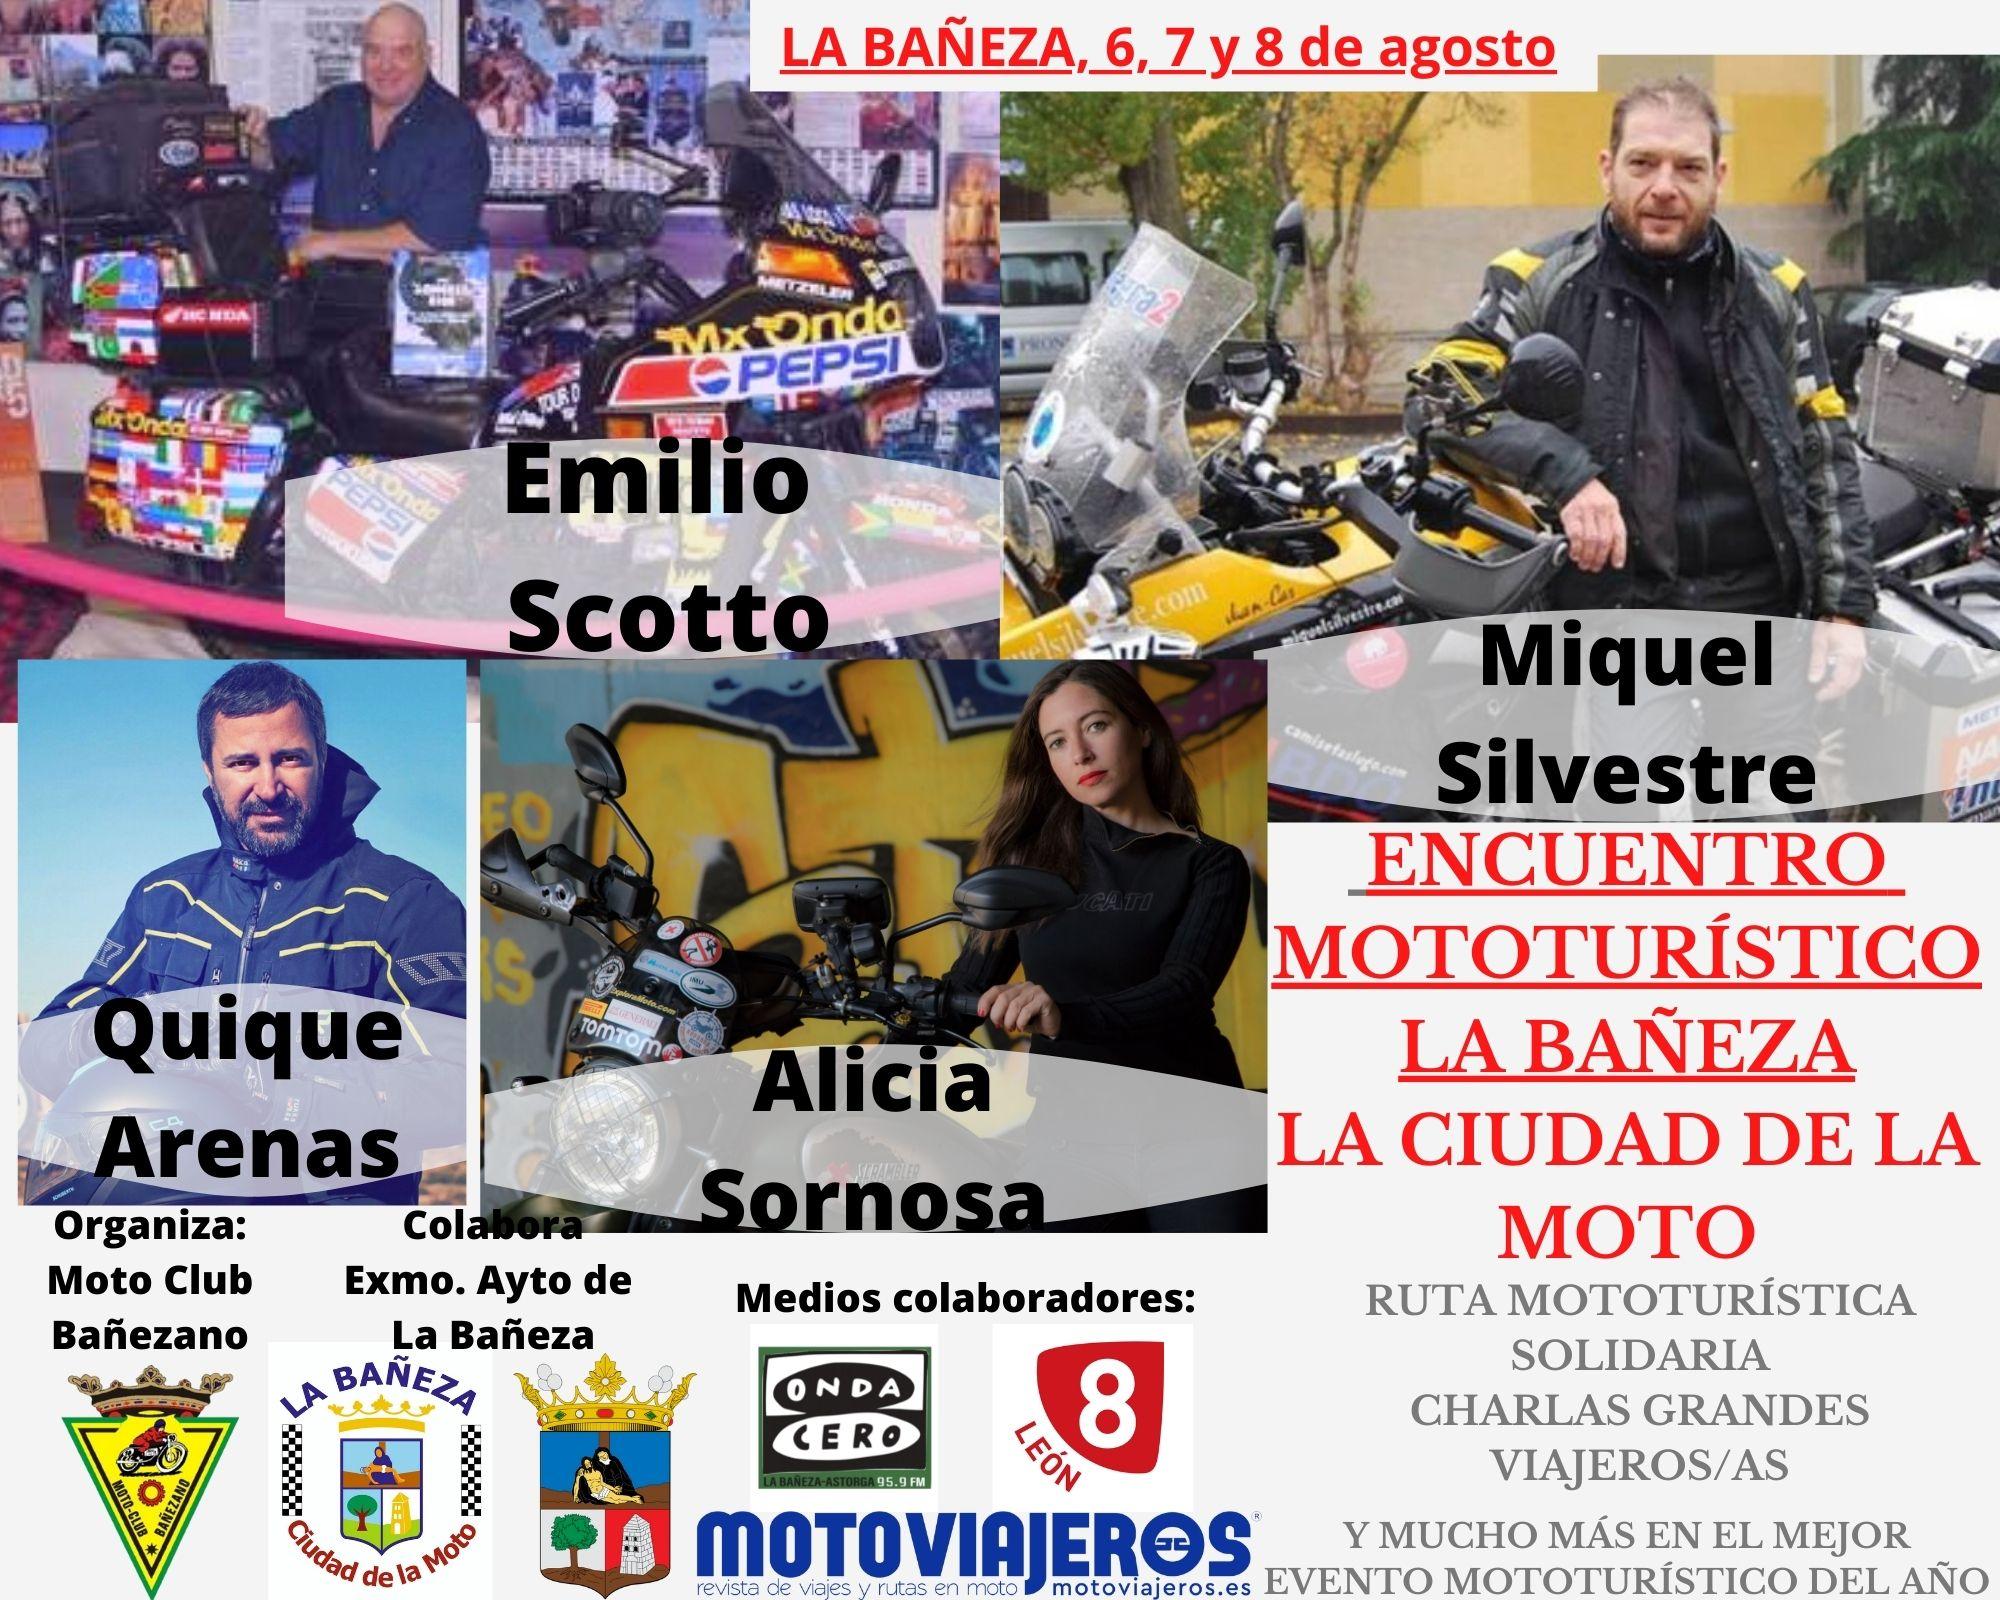 Encuentro Mototurístico La Bañeza, La Ciudad de la Moto